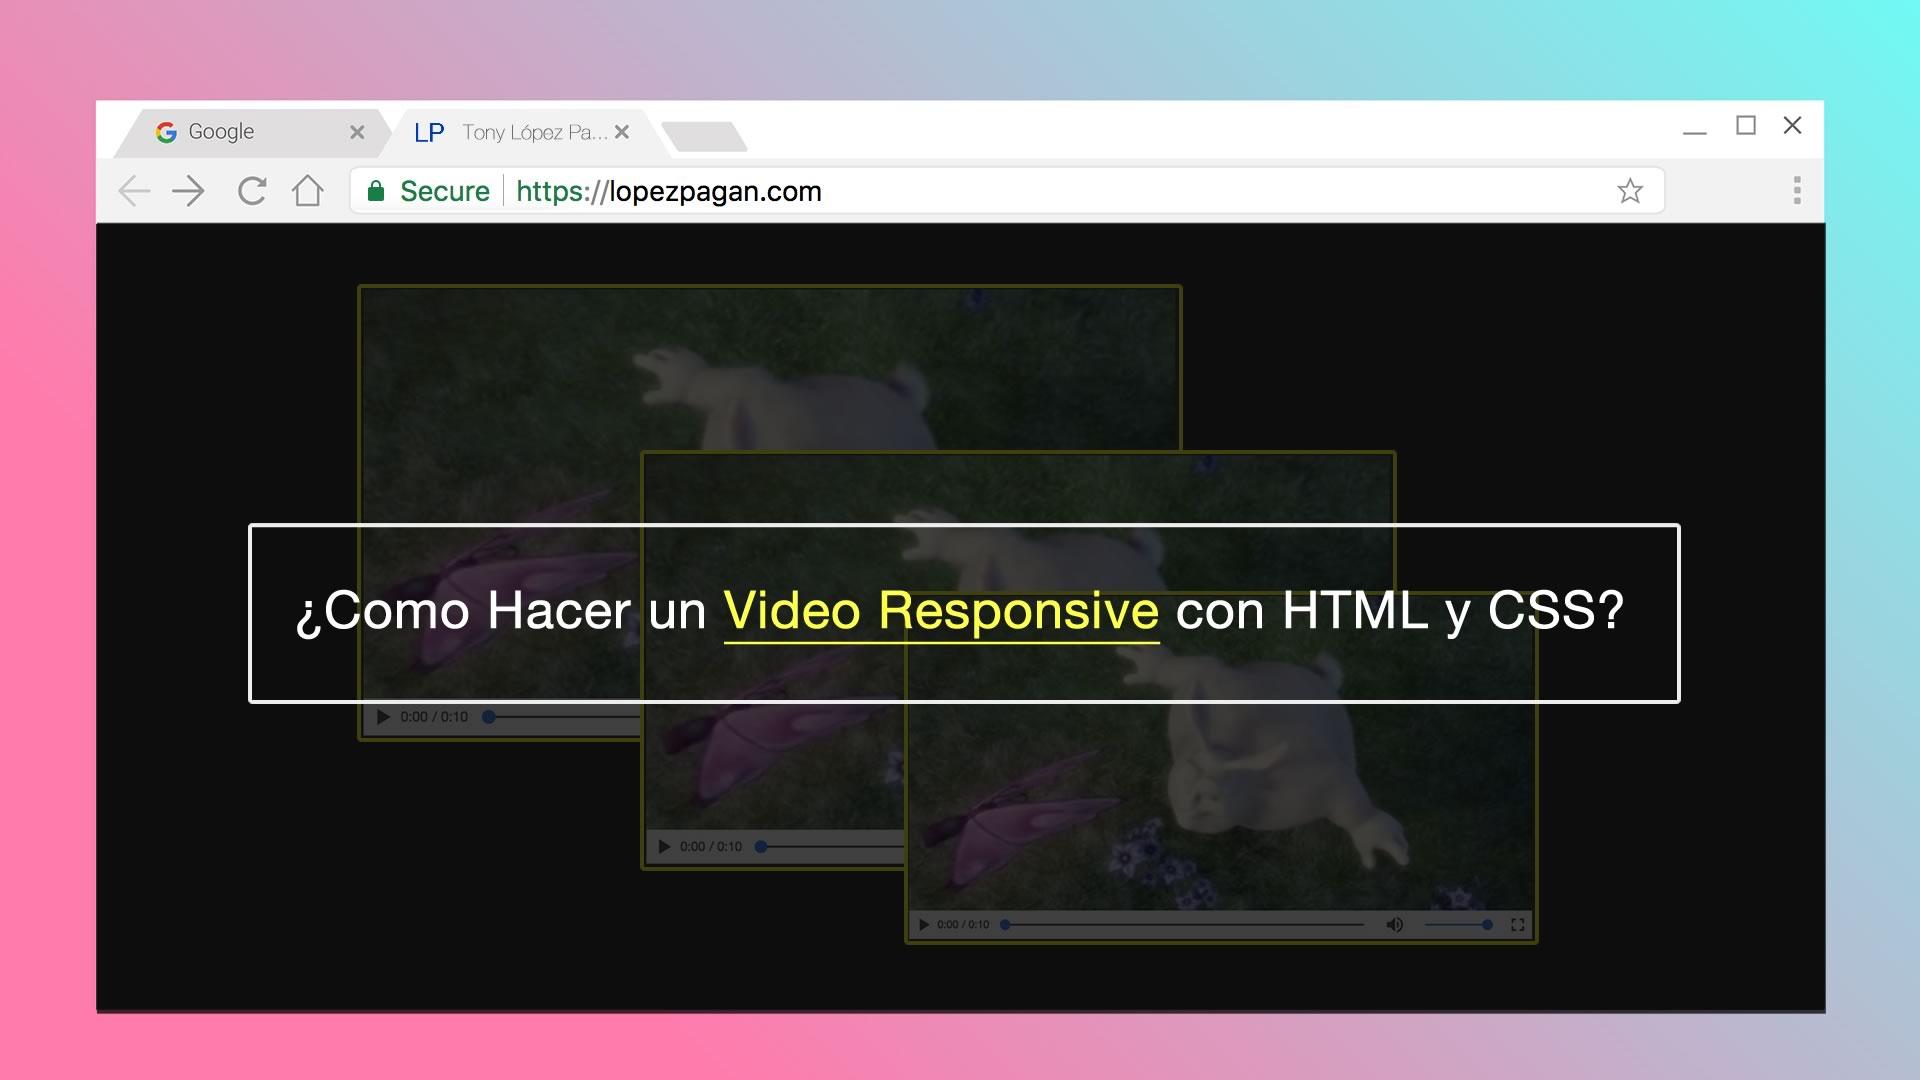 Cómo puedes hacer un video responsive con HTML y CSS